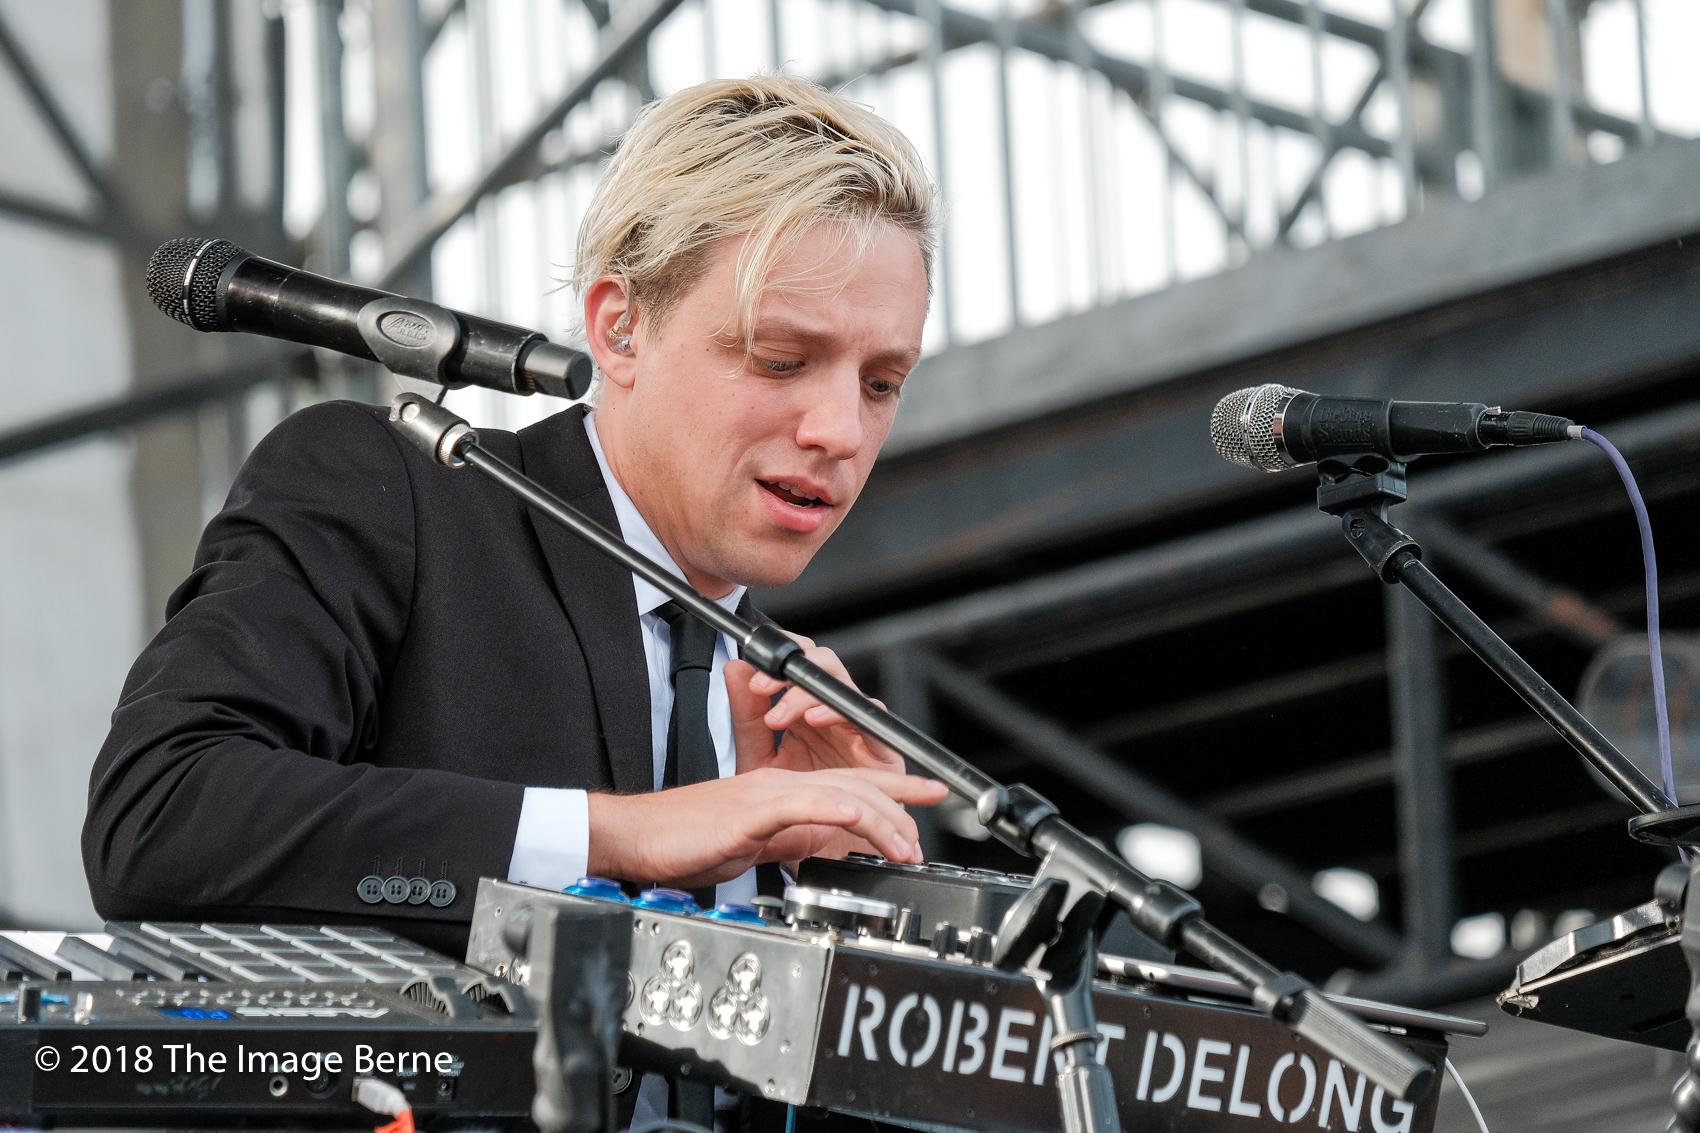 Robert Delong-156.jpg